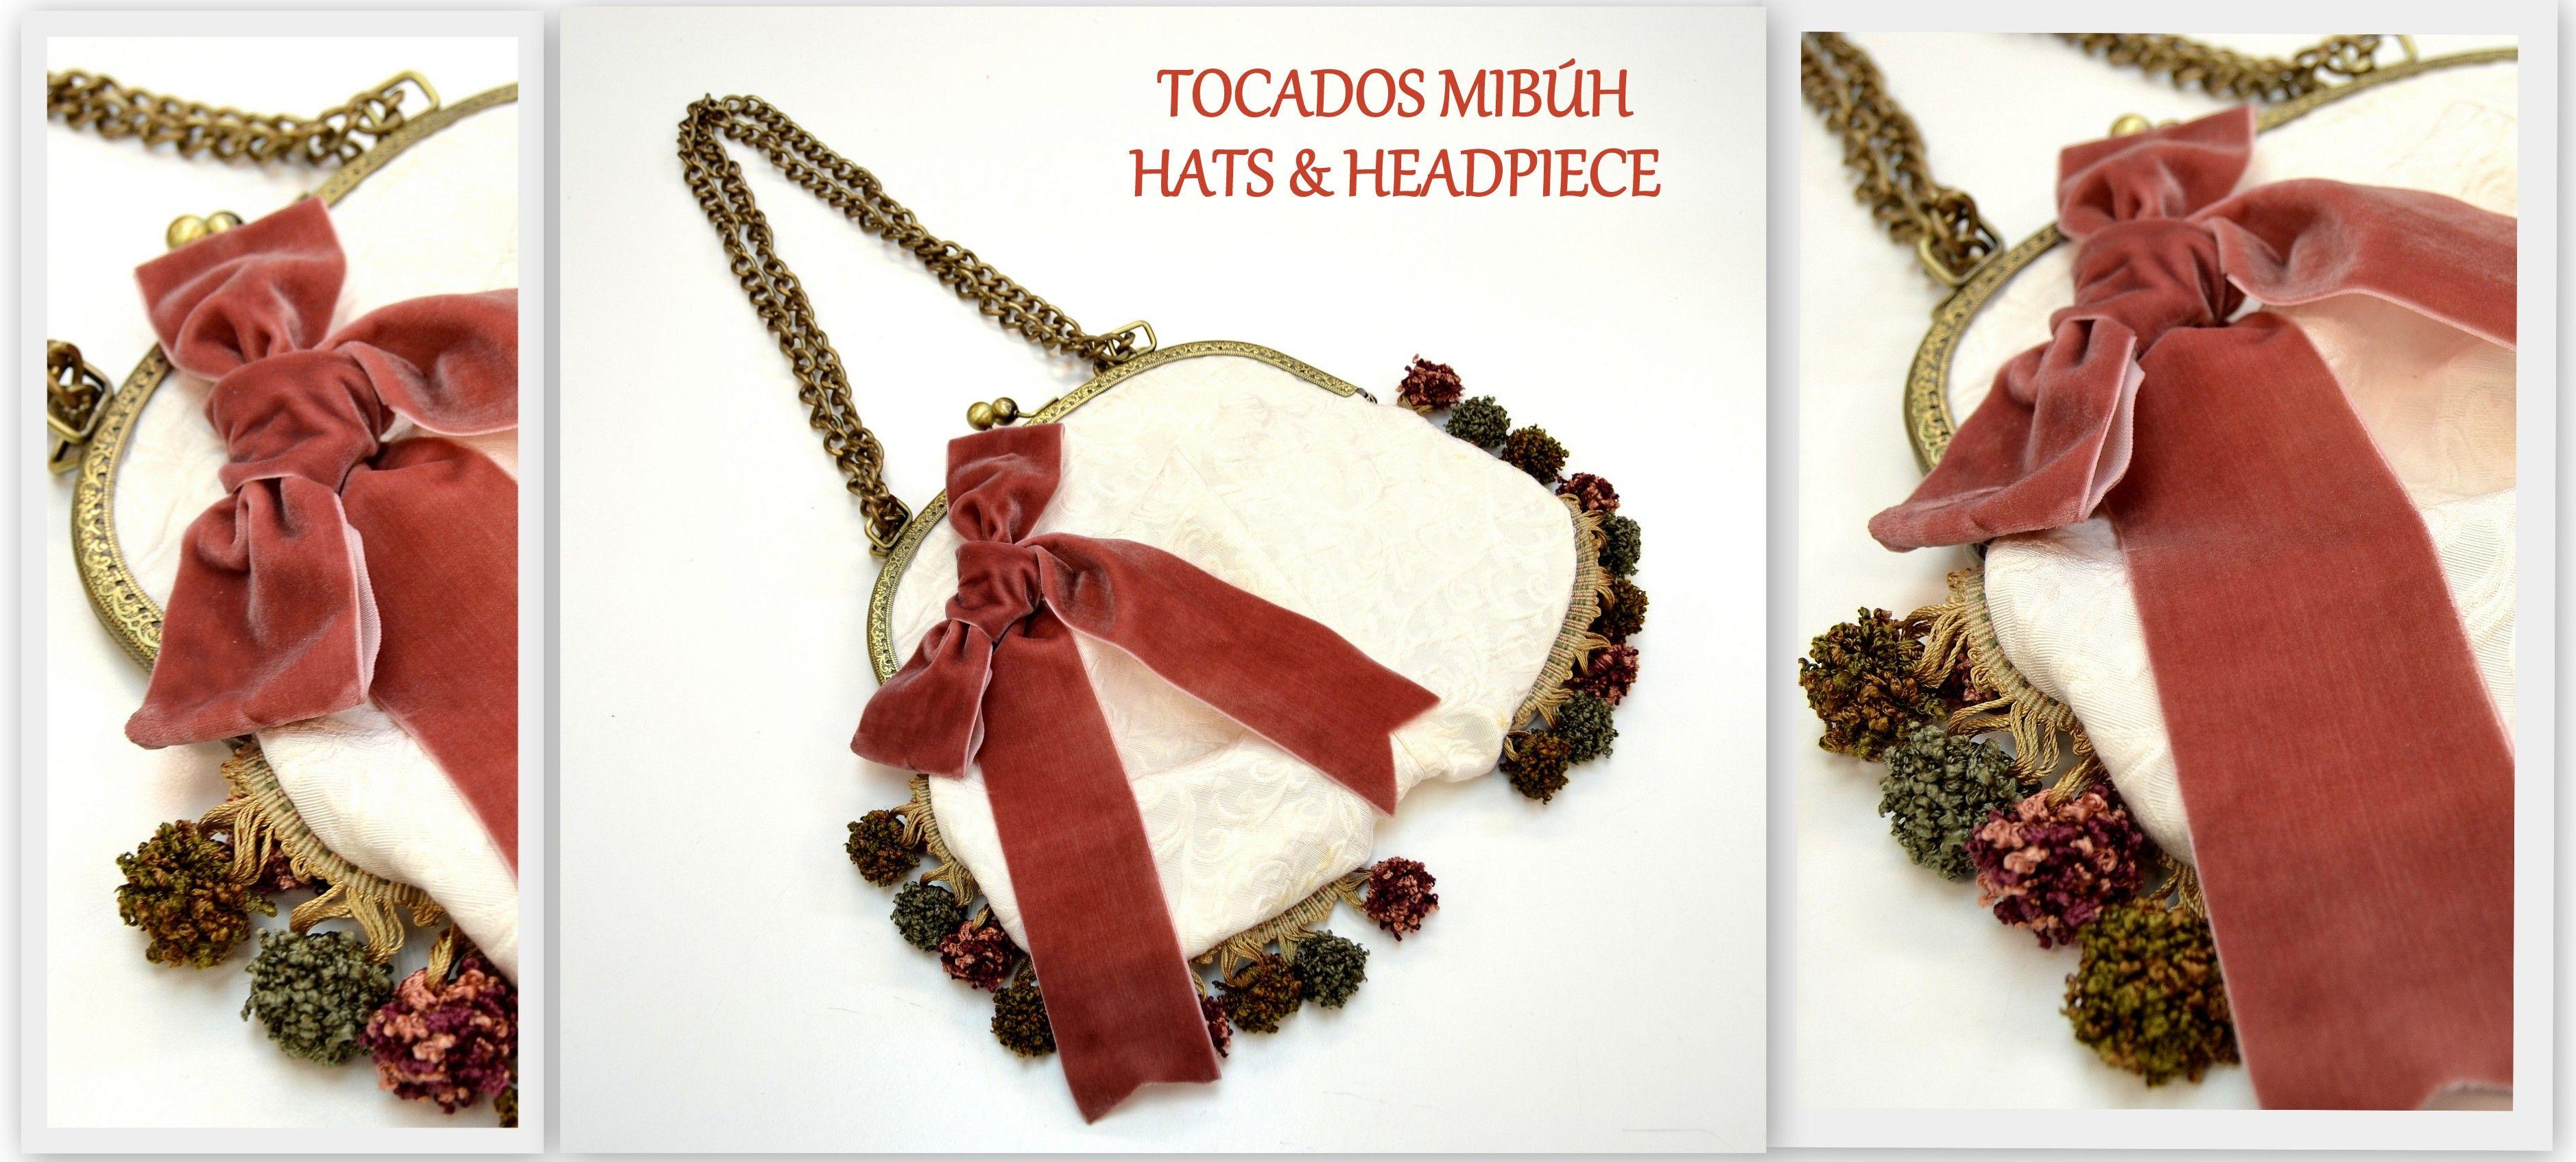 vintage bags#diseño exclusivo de bolsos a medida#sevilla#tomares#mibuh hats & headpieces#